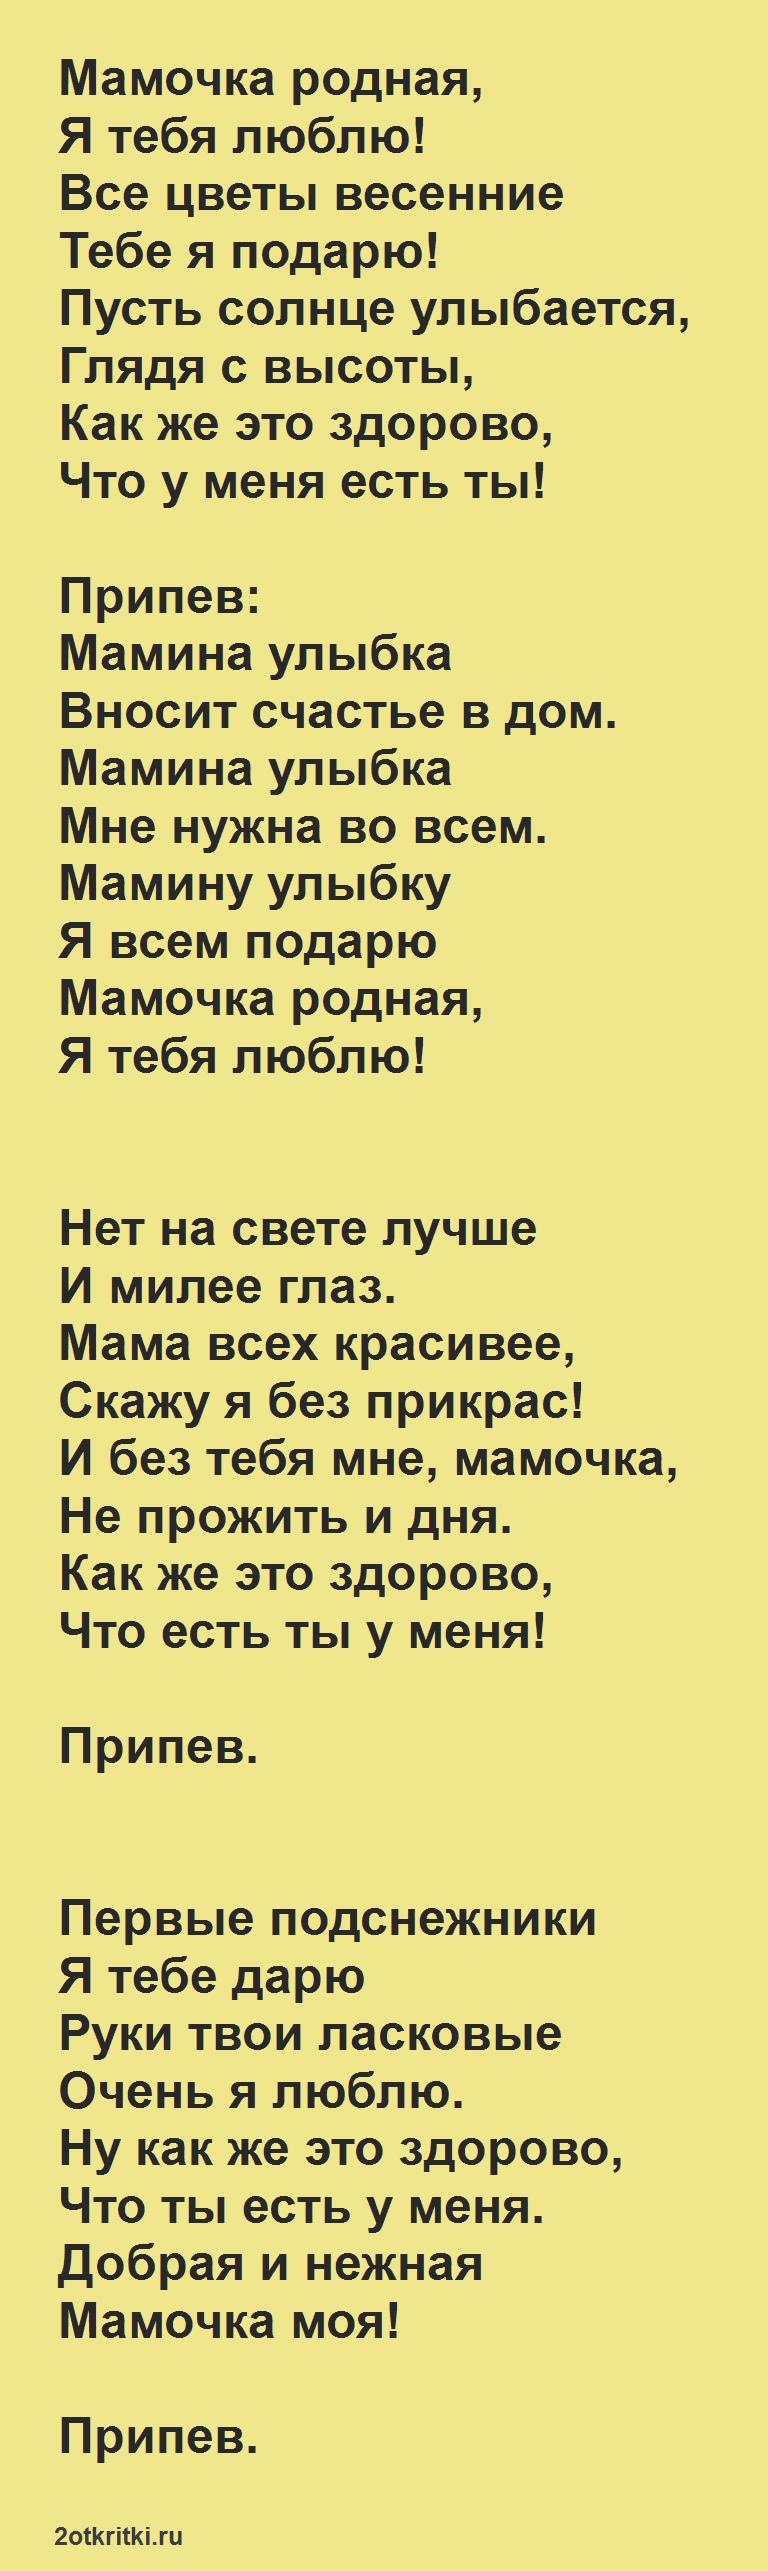 Текст песни на 8 Марта - Мамина улыбка